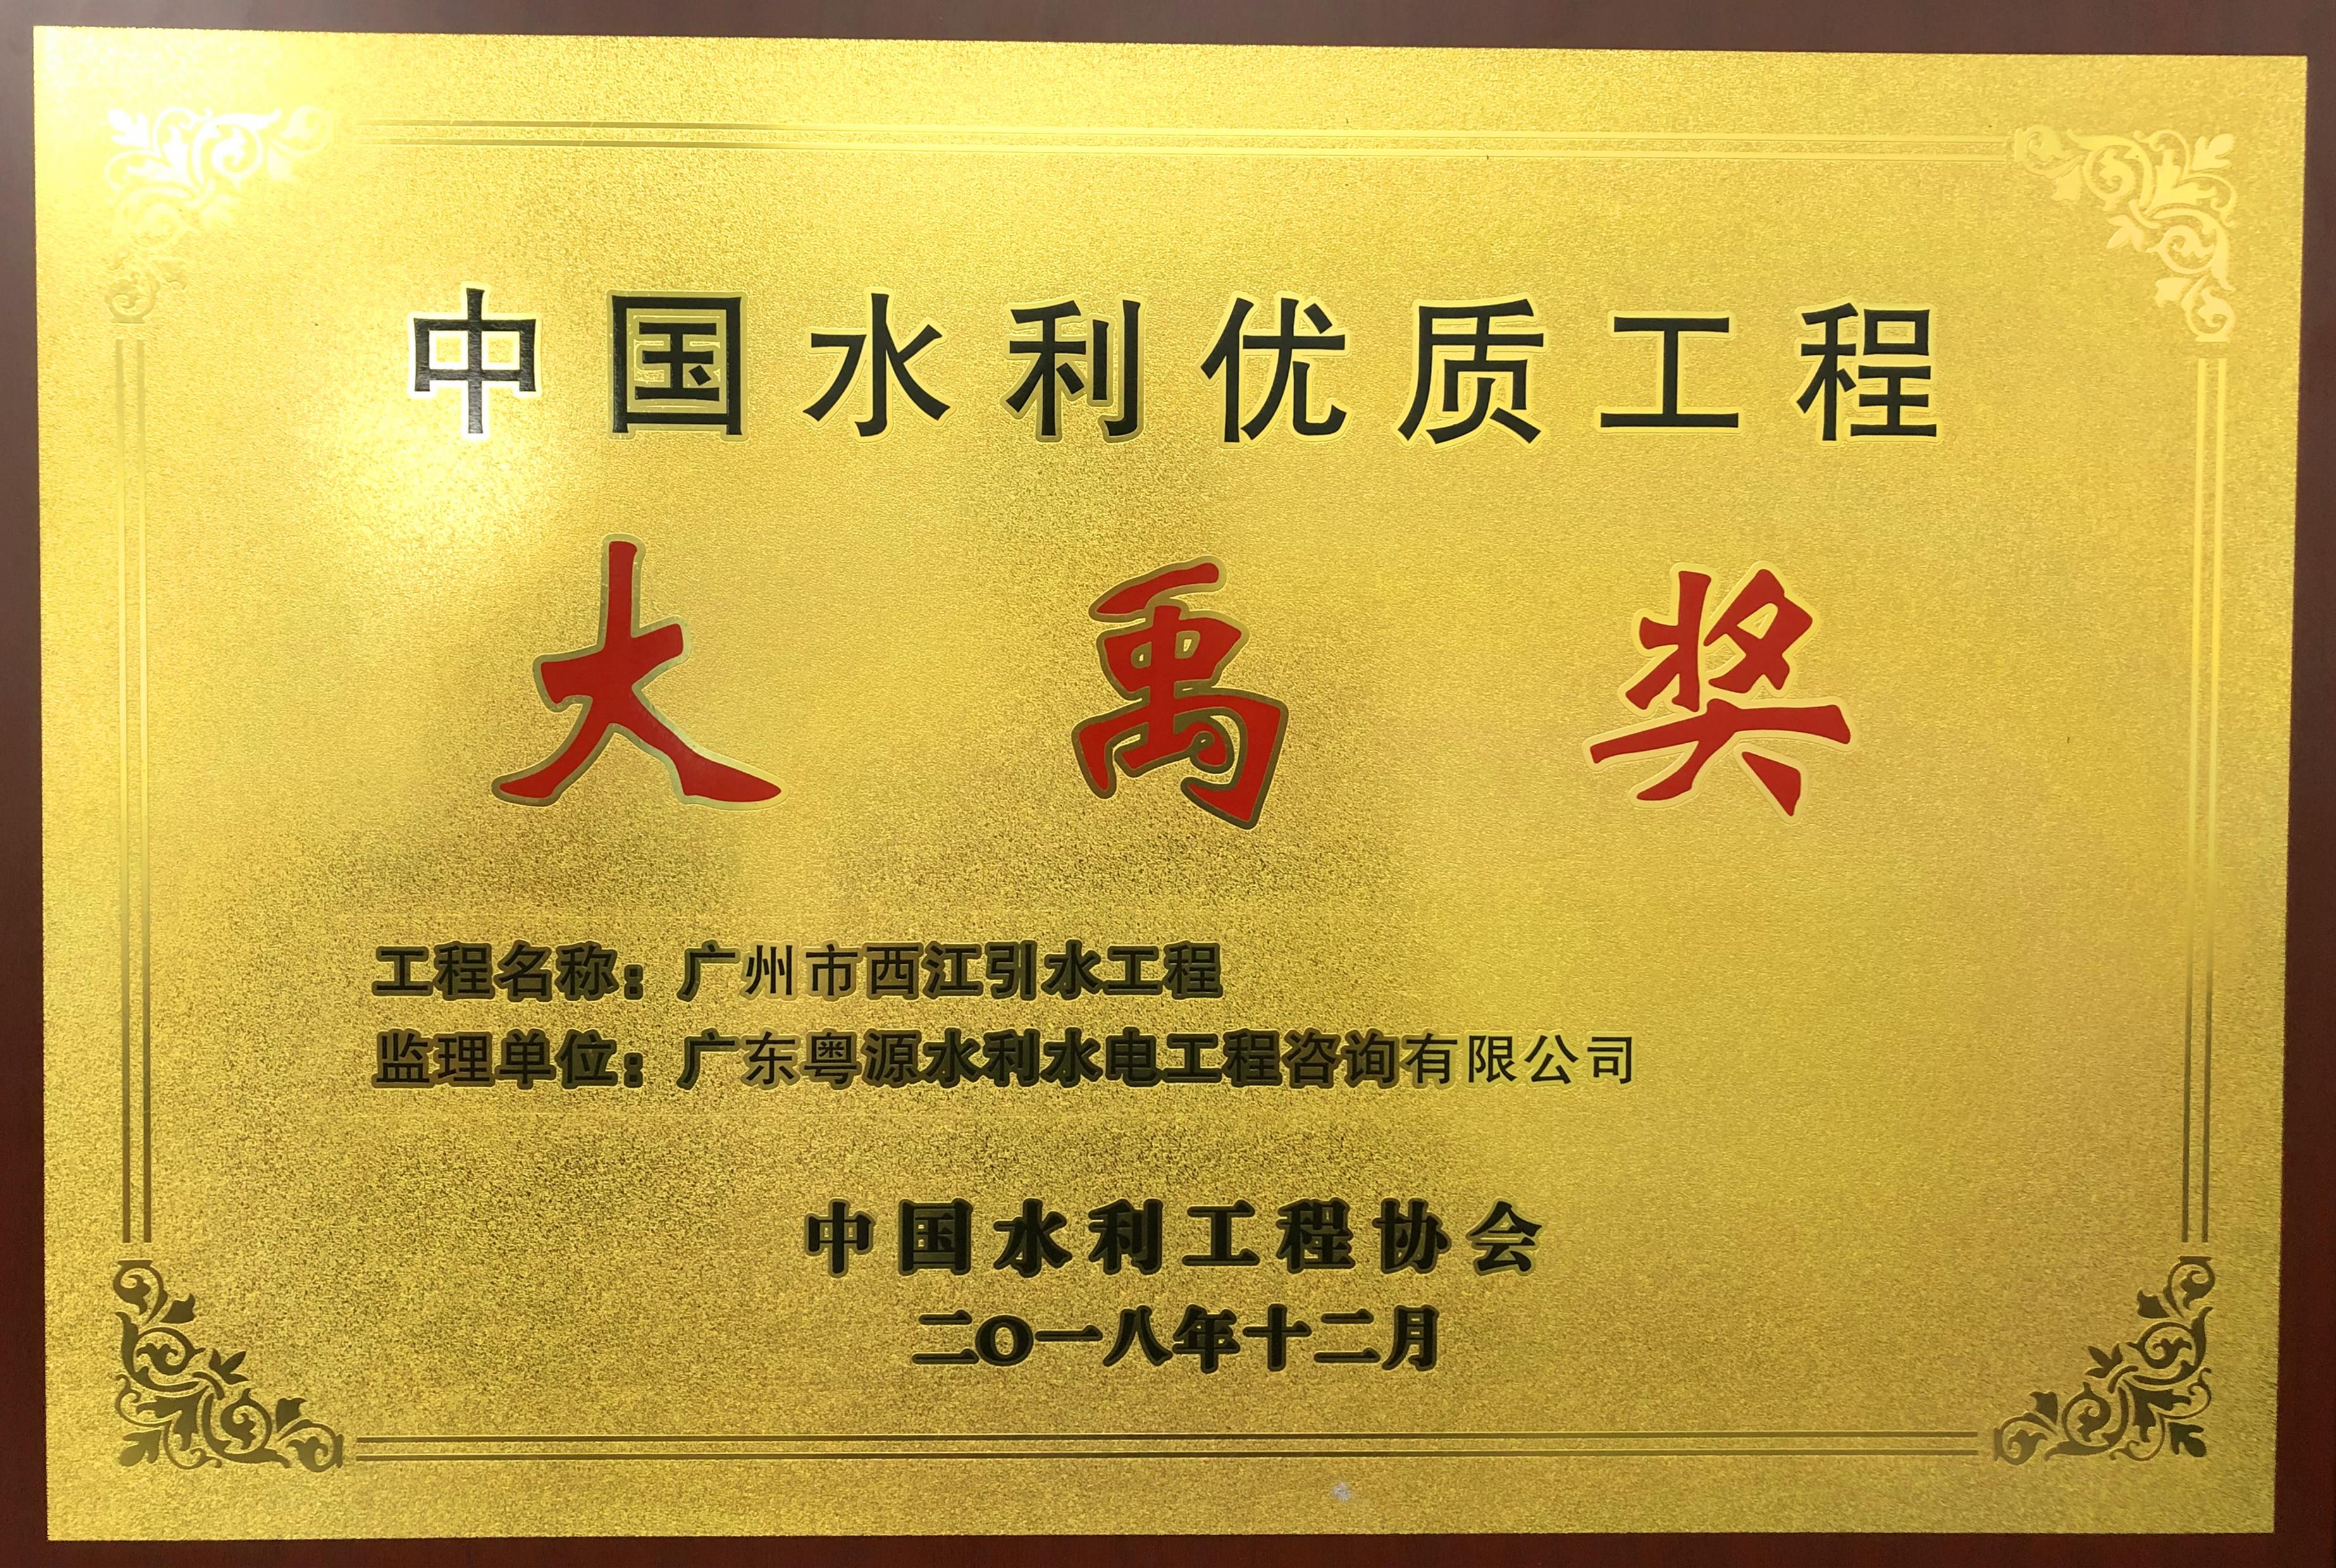 3中國水利優質工程大禹獎